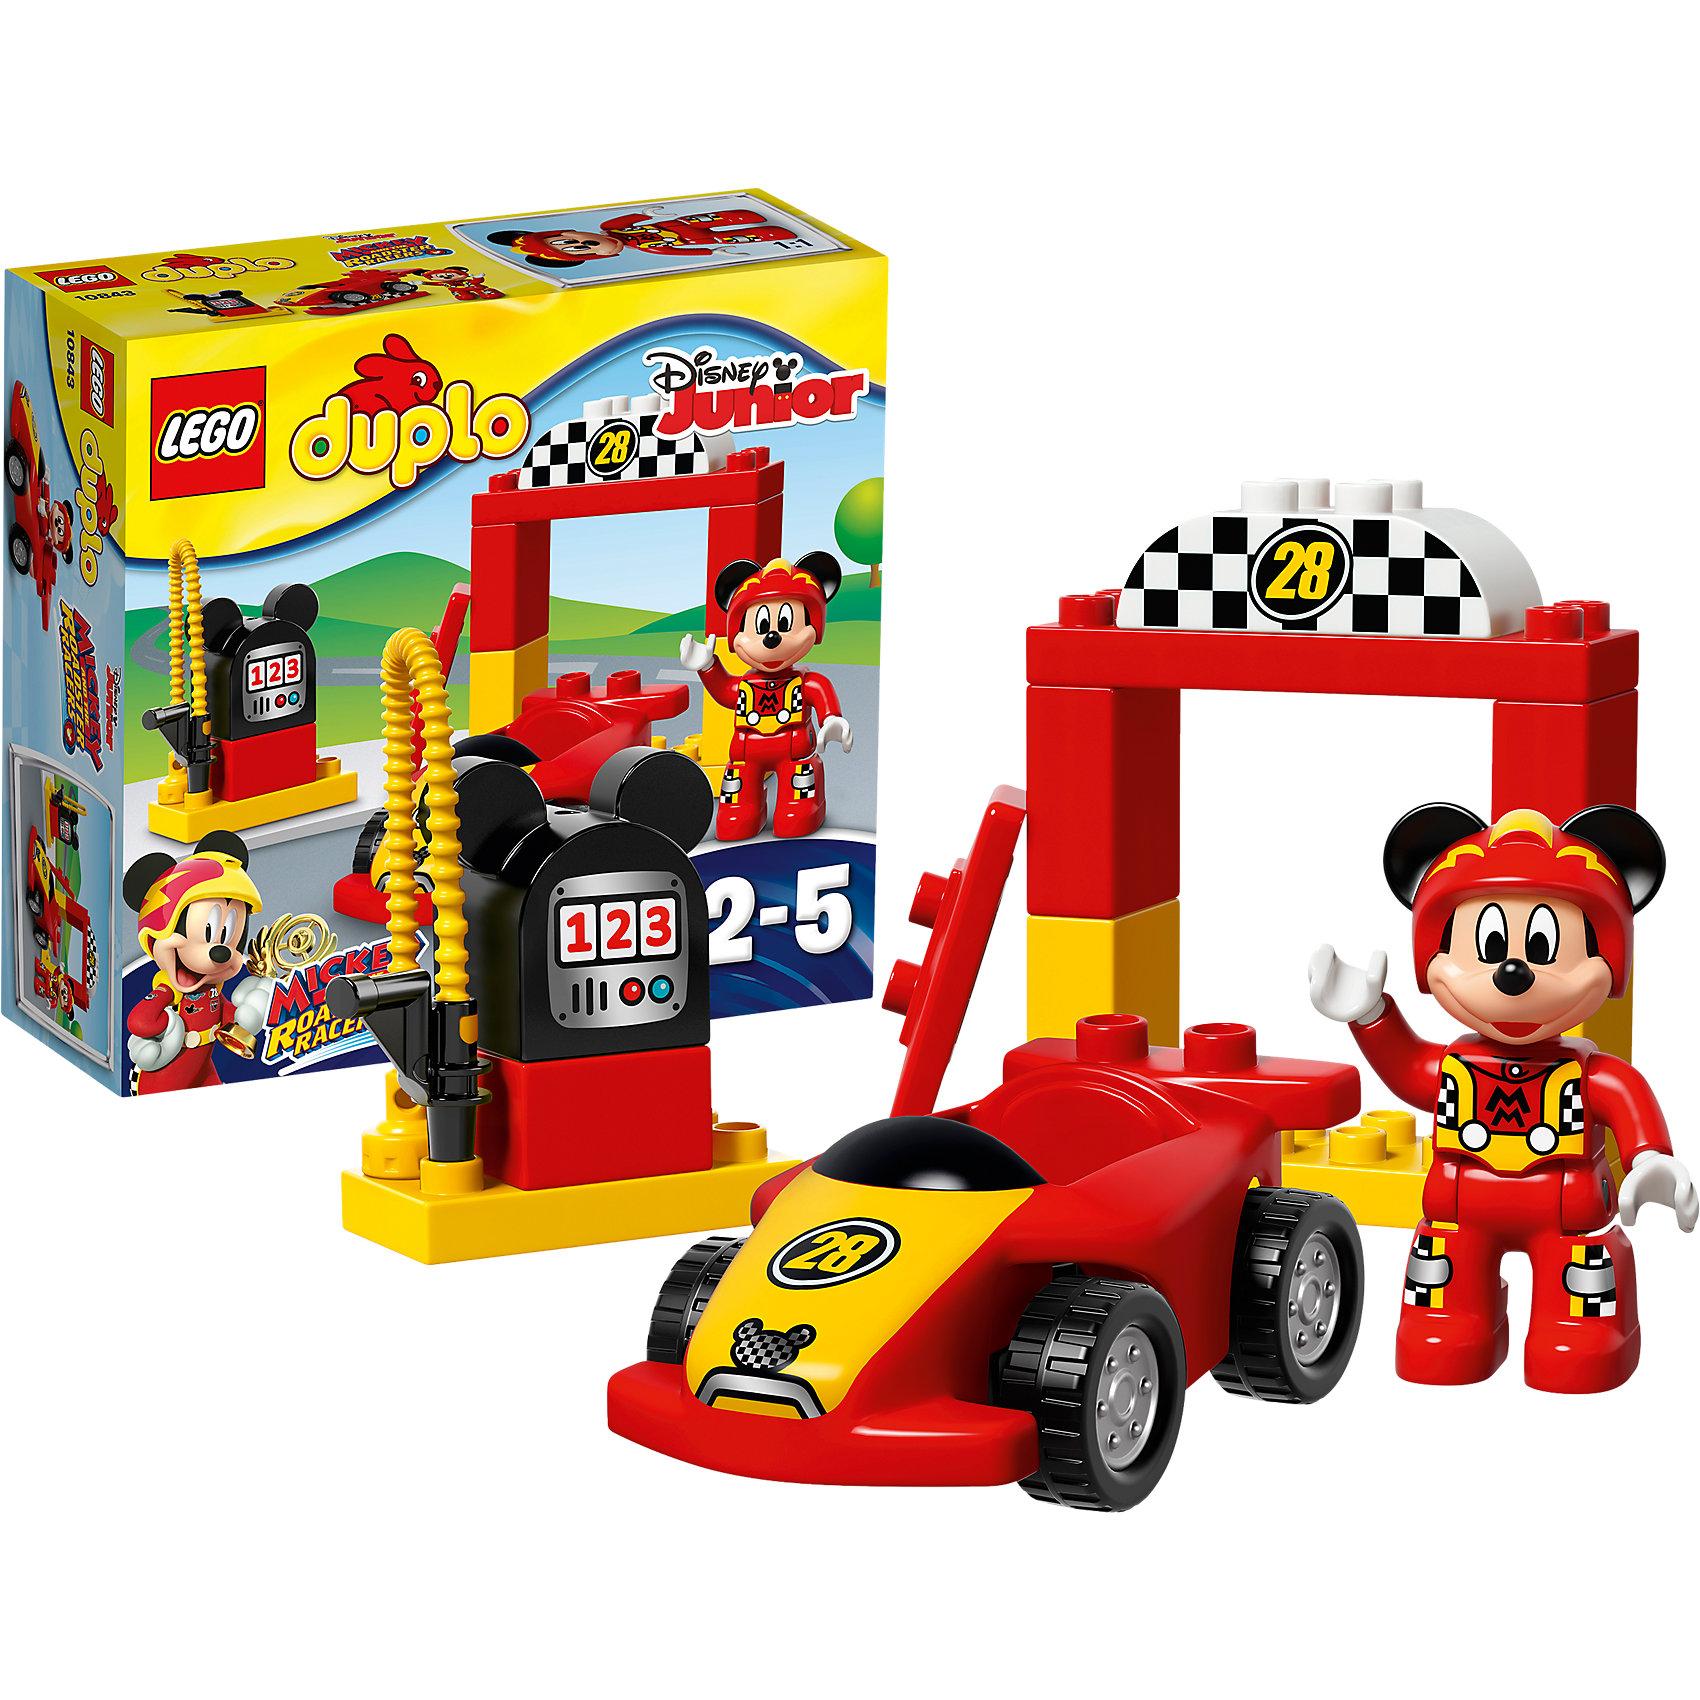 LEGO DUPLO 10843: Гоночная машина МиккиКонструкторы для малышей<br>Характеристики товара: <br><br>• возраст: от 2 лет;<br>• материал: пластик;<br>• в комплекте: 15 деталей, 1 минифигурка;<br>• размер упаковки: 20,5х19,1х7,3 см;<br>• вес упаковки: 265 гр.;<br>• страна производитель: Китай.<br><br>Конструктор Lego Duplo «Гоночная машина Микки» позволит собрать гоночную машинку и пит-стоп. За рулем машинки любимый персонаж Микки Маус, он одел форму гонщика и готовится к соревнованиям. Из деталей собирается пит-стоп с цифрой 28, где гонщик останавливается на досмотр машины, а также заправочная станция. У машинки вращающиеся резиновые колеса, благодаря которым она ездит по поверхности. Фигурку Микки можно посадить в кабину автомобиля.<br><br>Конструктор Lego Duplo «Гоночная машина Микки» можно приобрести в нашем интернет-магазине.<br><br>Ширина мм: 206<br>Глубина мм: 192<br>Высота мм: 76<br>Вес г: 261<br>Возраст от месяцев: 24<br>Возраст до месяцев: 60<br>Пол: Мужской<br>Возраст: Детский<br>SKU: 5620071